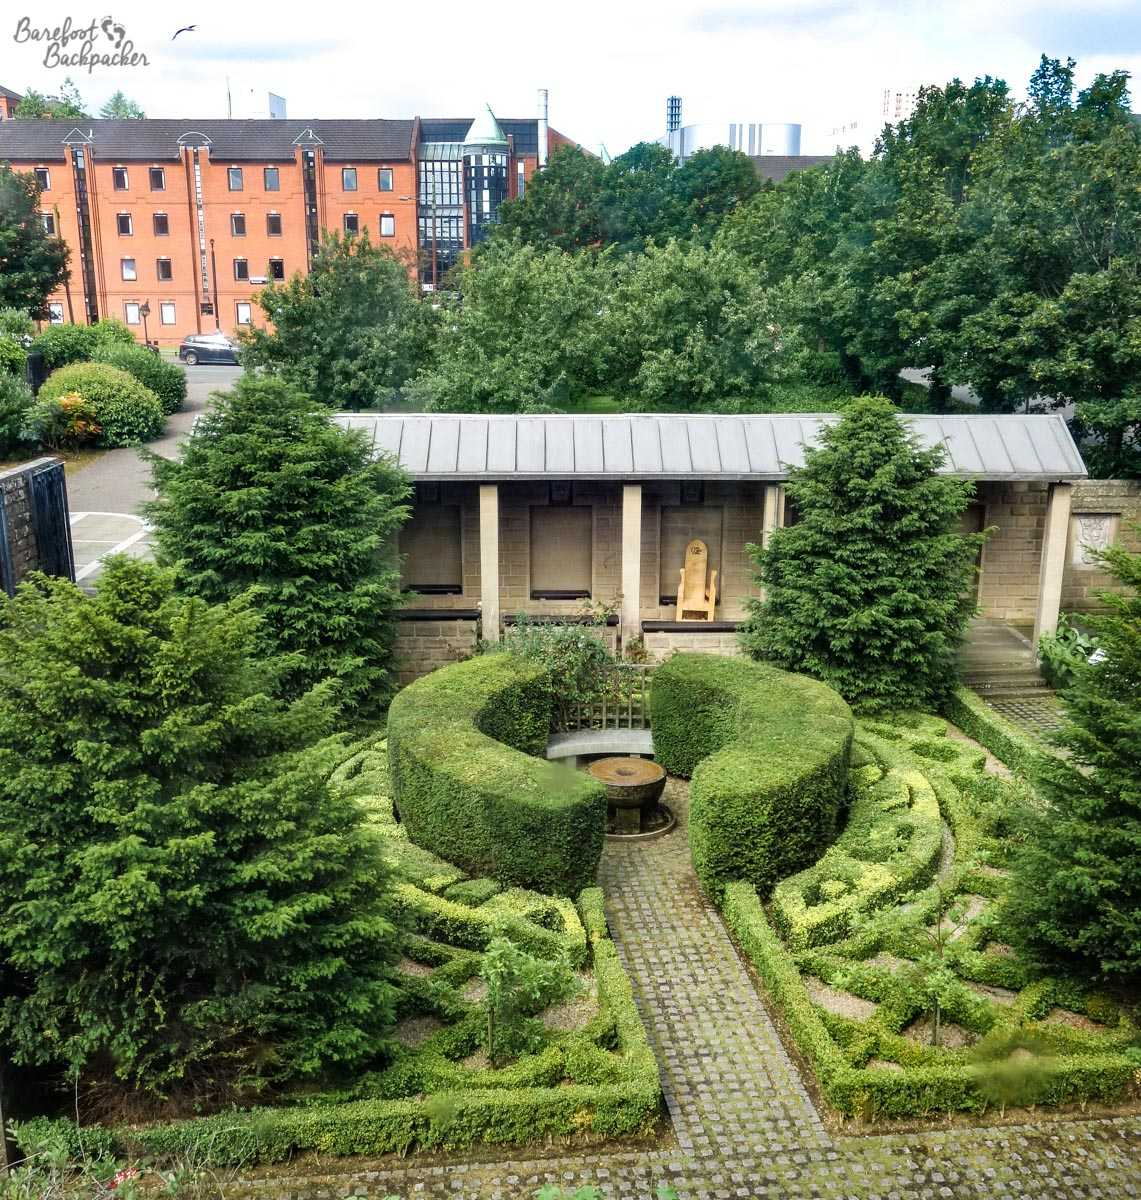 Glasgow - St Nicholas Garden